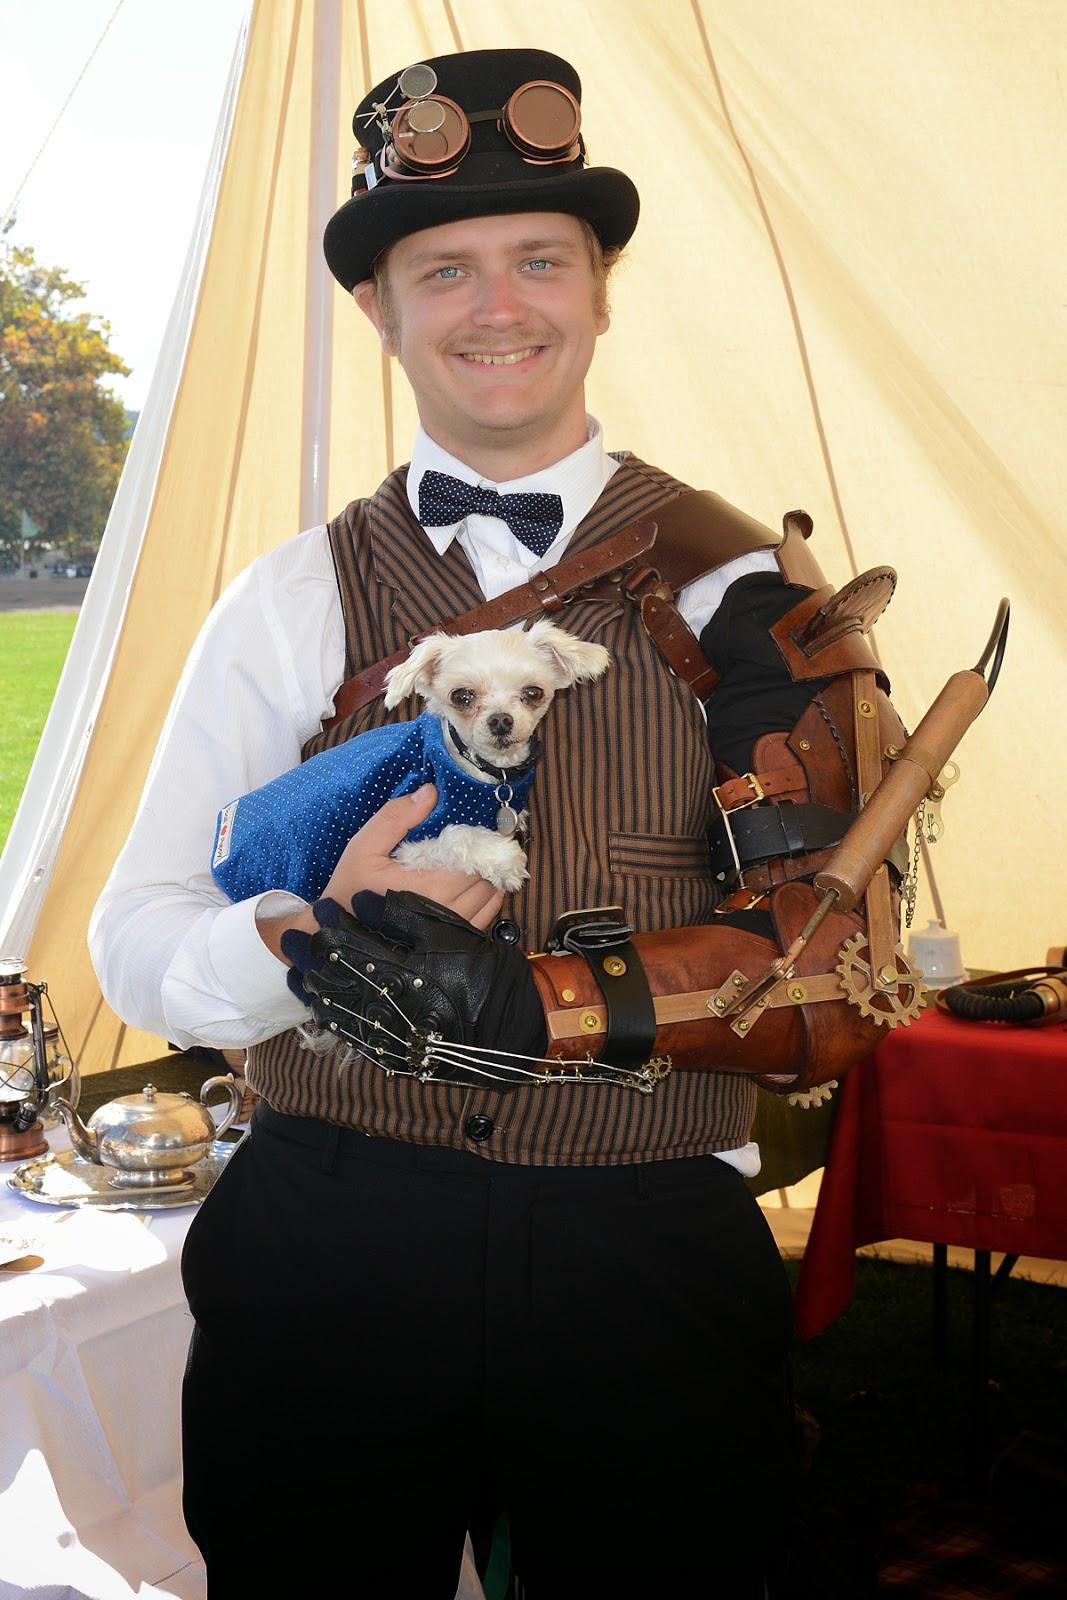 Ironfest steampunk